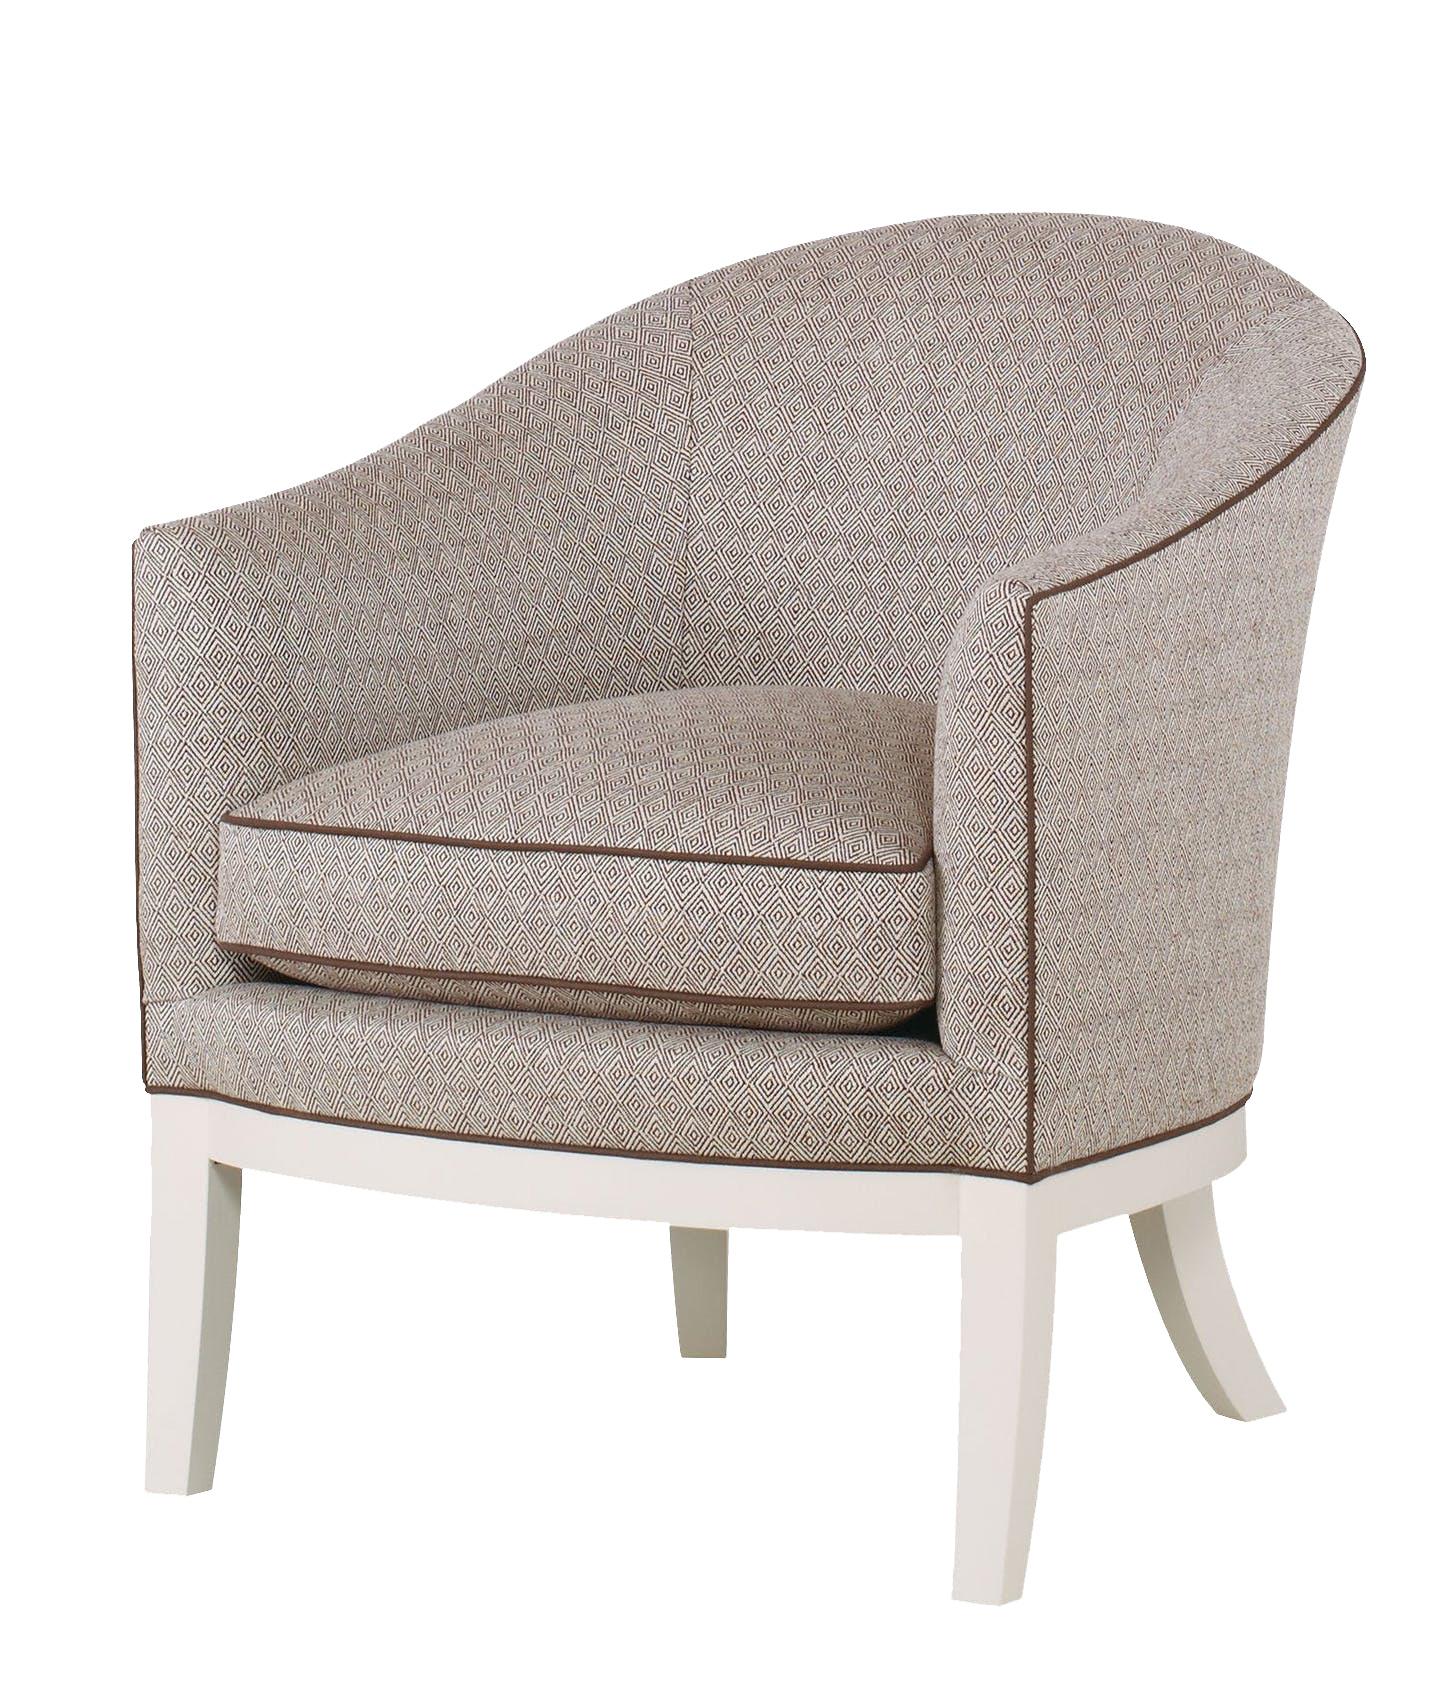 Dawson Tub Chair - Modern Chairs - Dering Hall